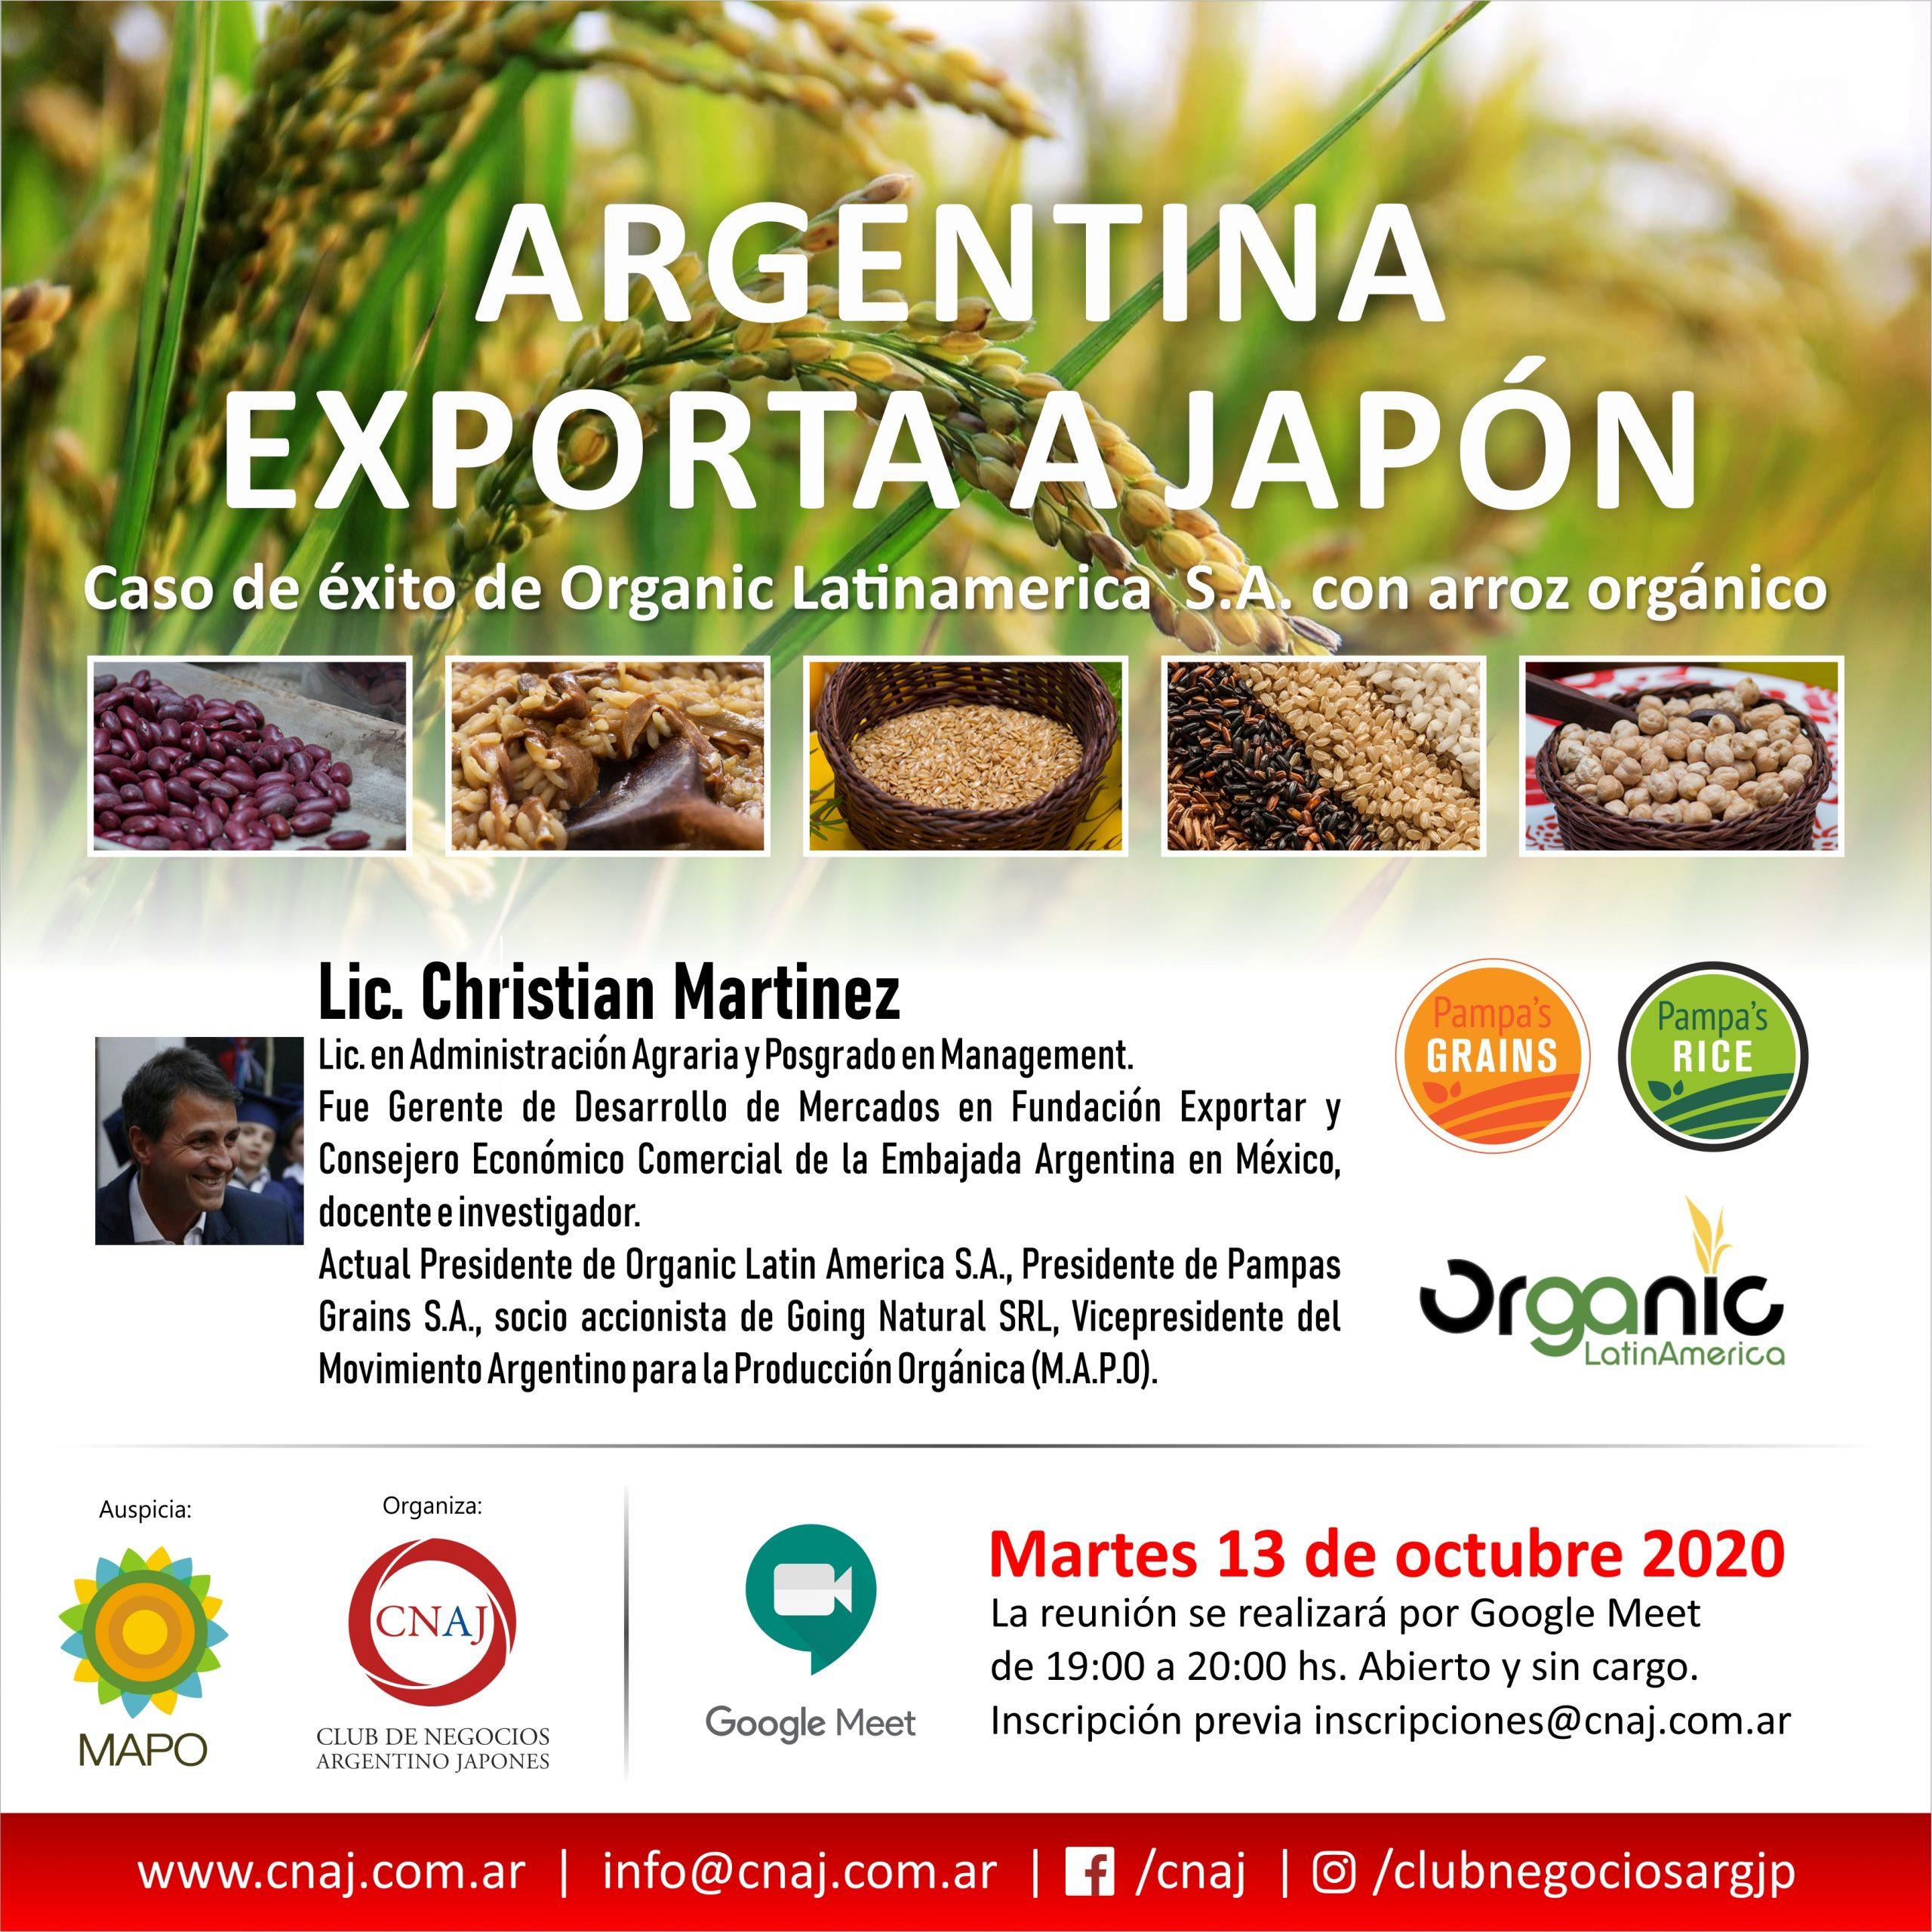 Argentina exporta a Japón